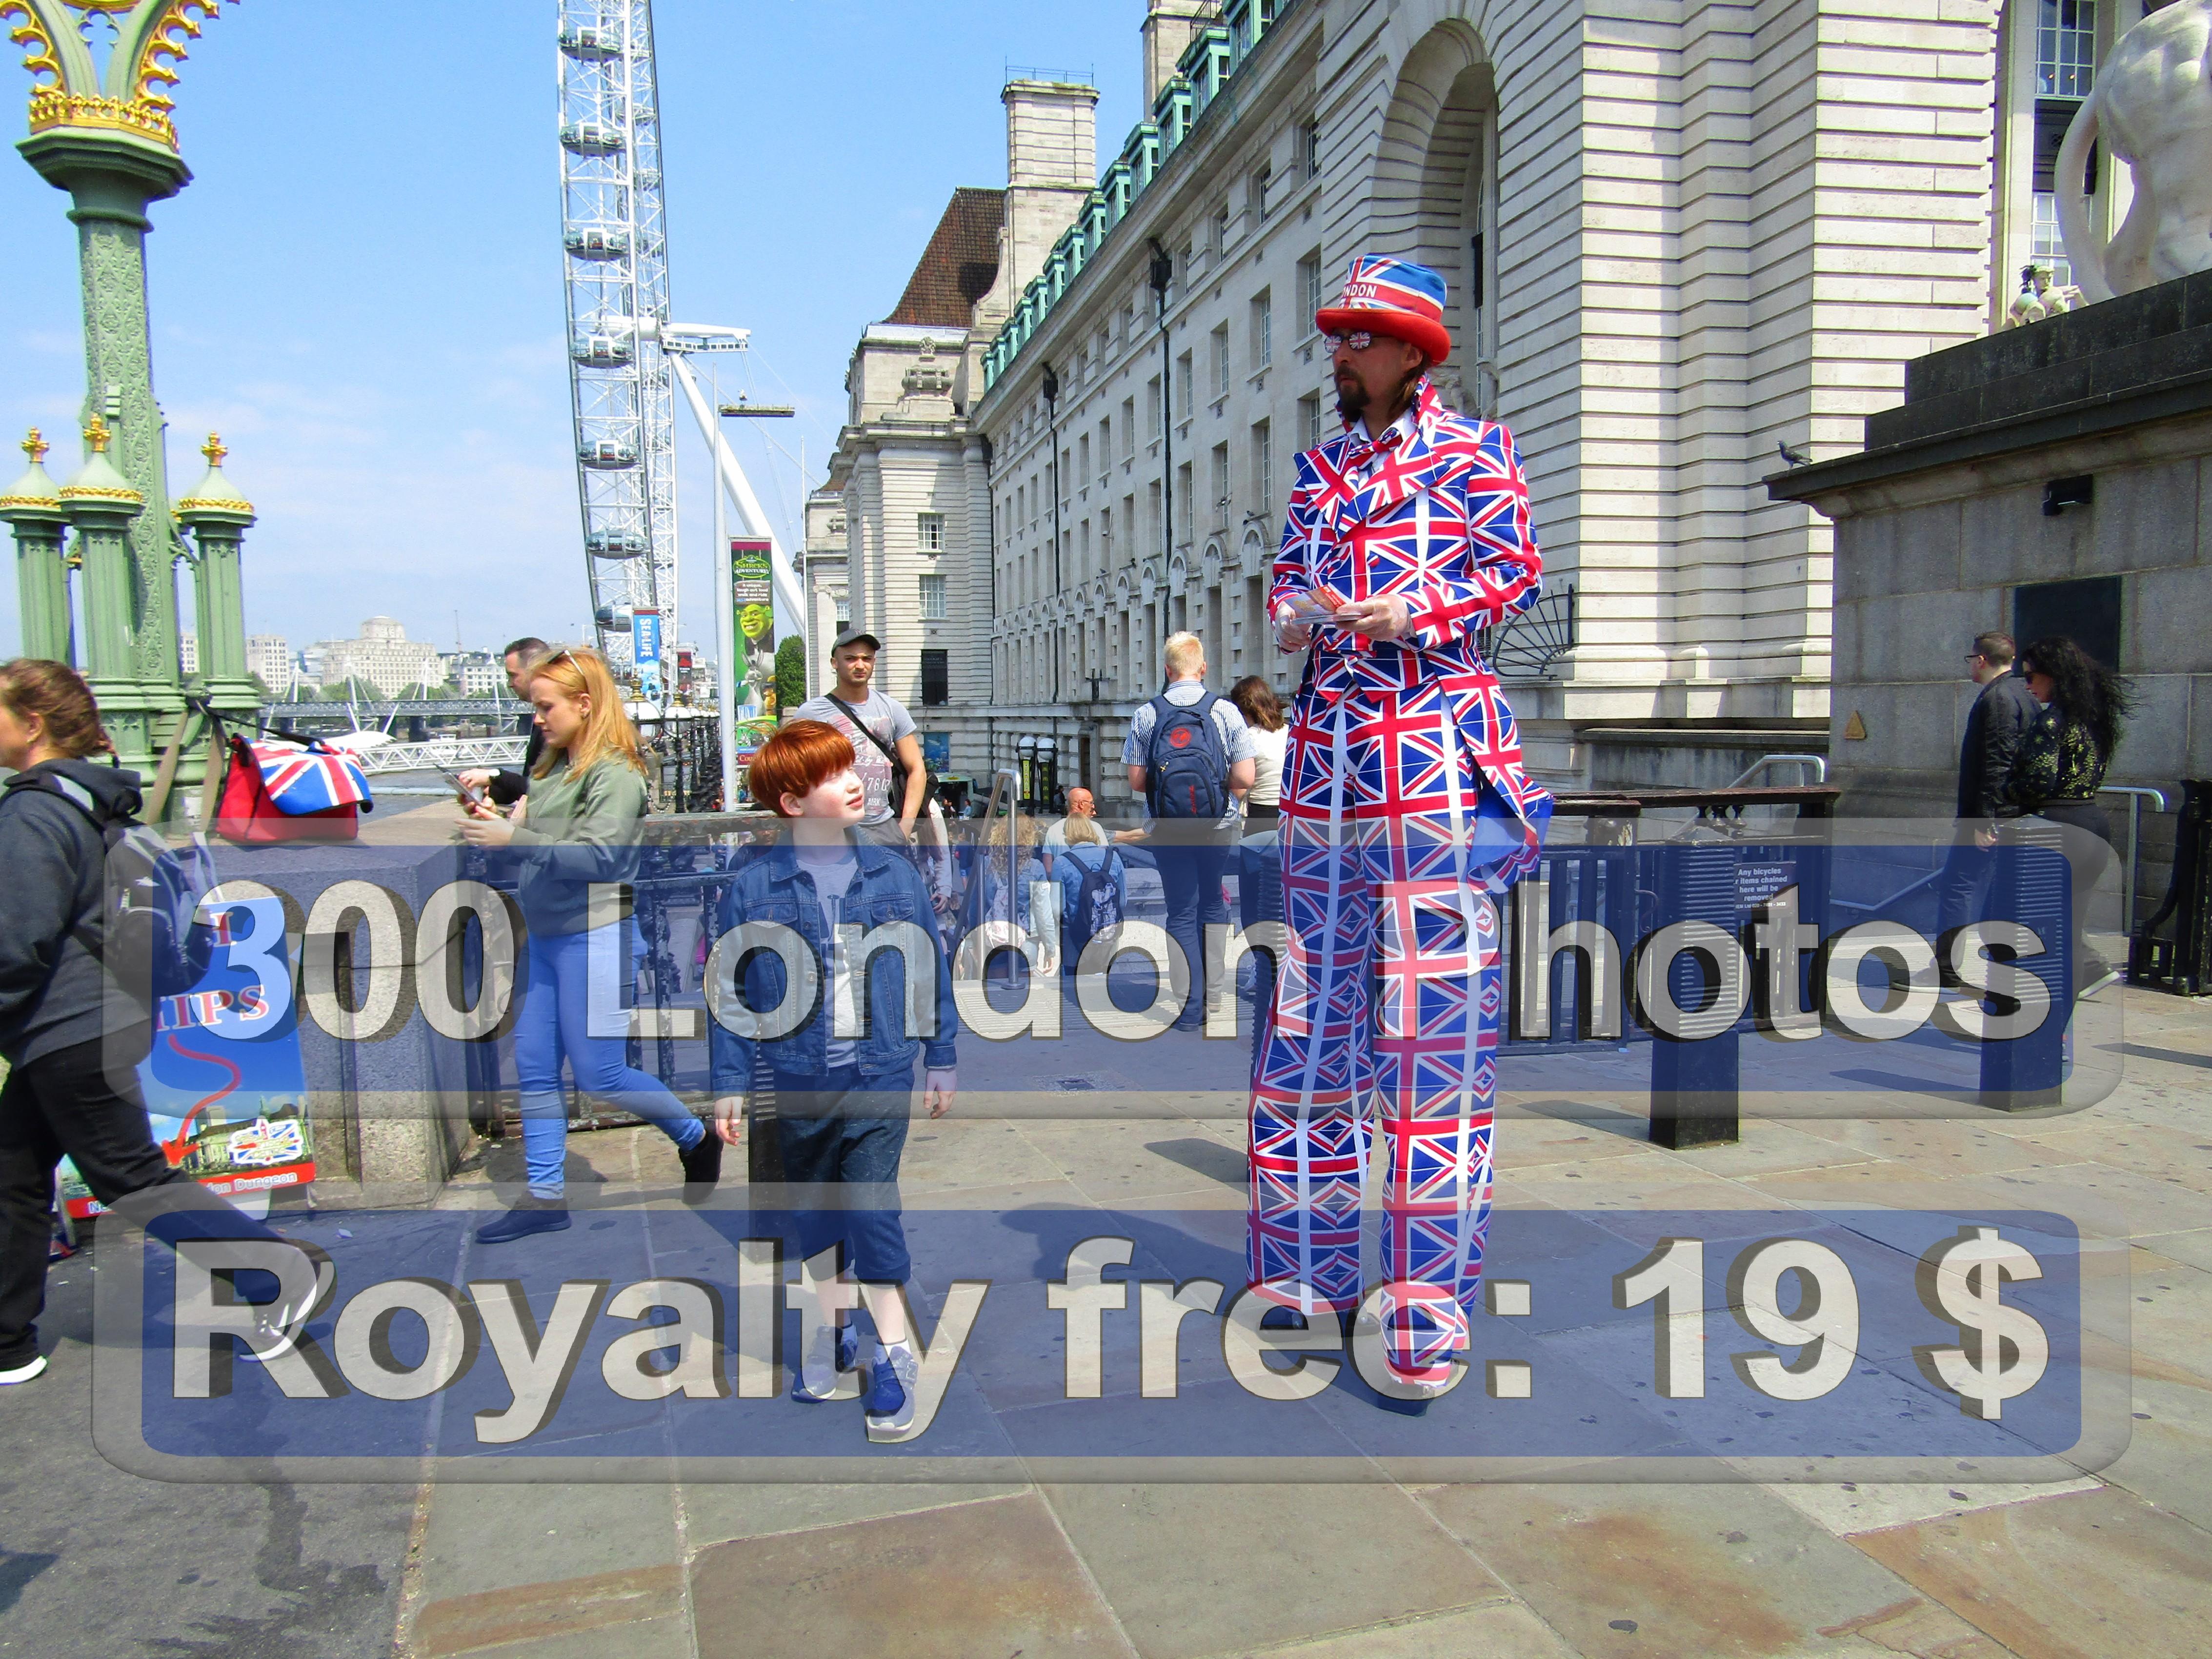 London Heathrow Photo Booth